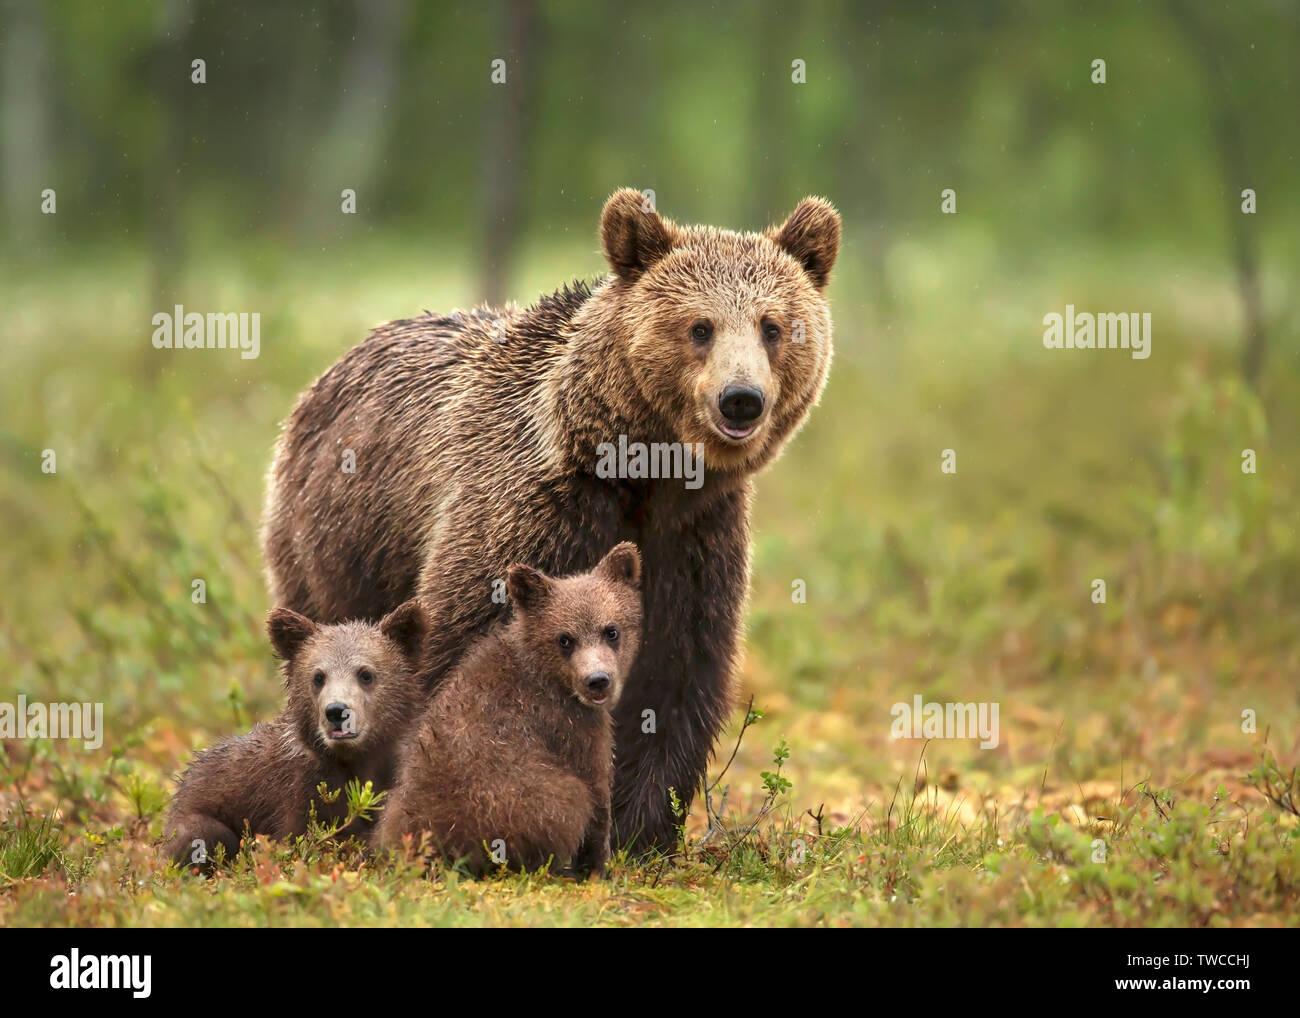 In der Nähe der weiblichen Eurasischer Braunbär (Ursos arctos) und ihren Jungen im borealen Wald, Finnland. Stockfoto